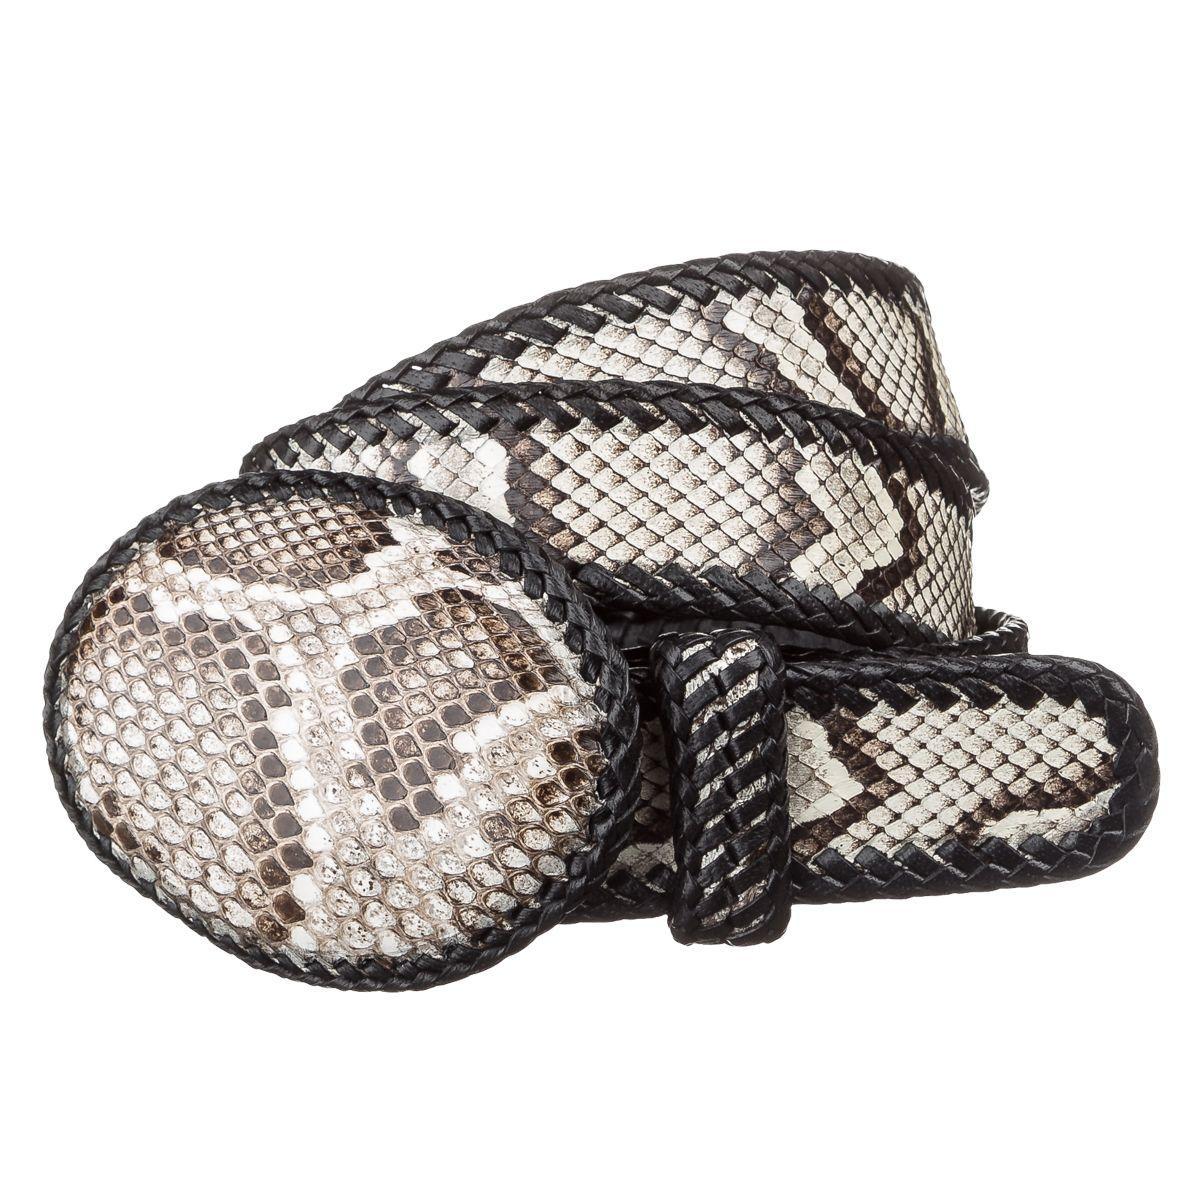 Ремень Женский Snake Leather 18190 Из Натуральной Кожи Питона Разноцветный, Разноцветный